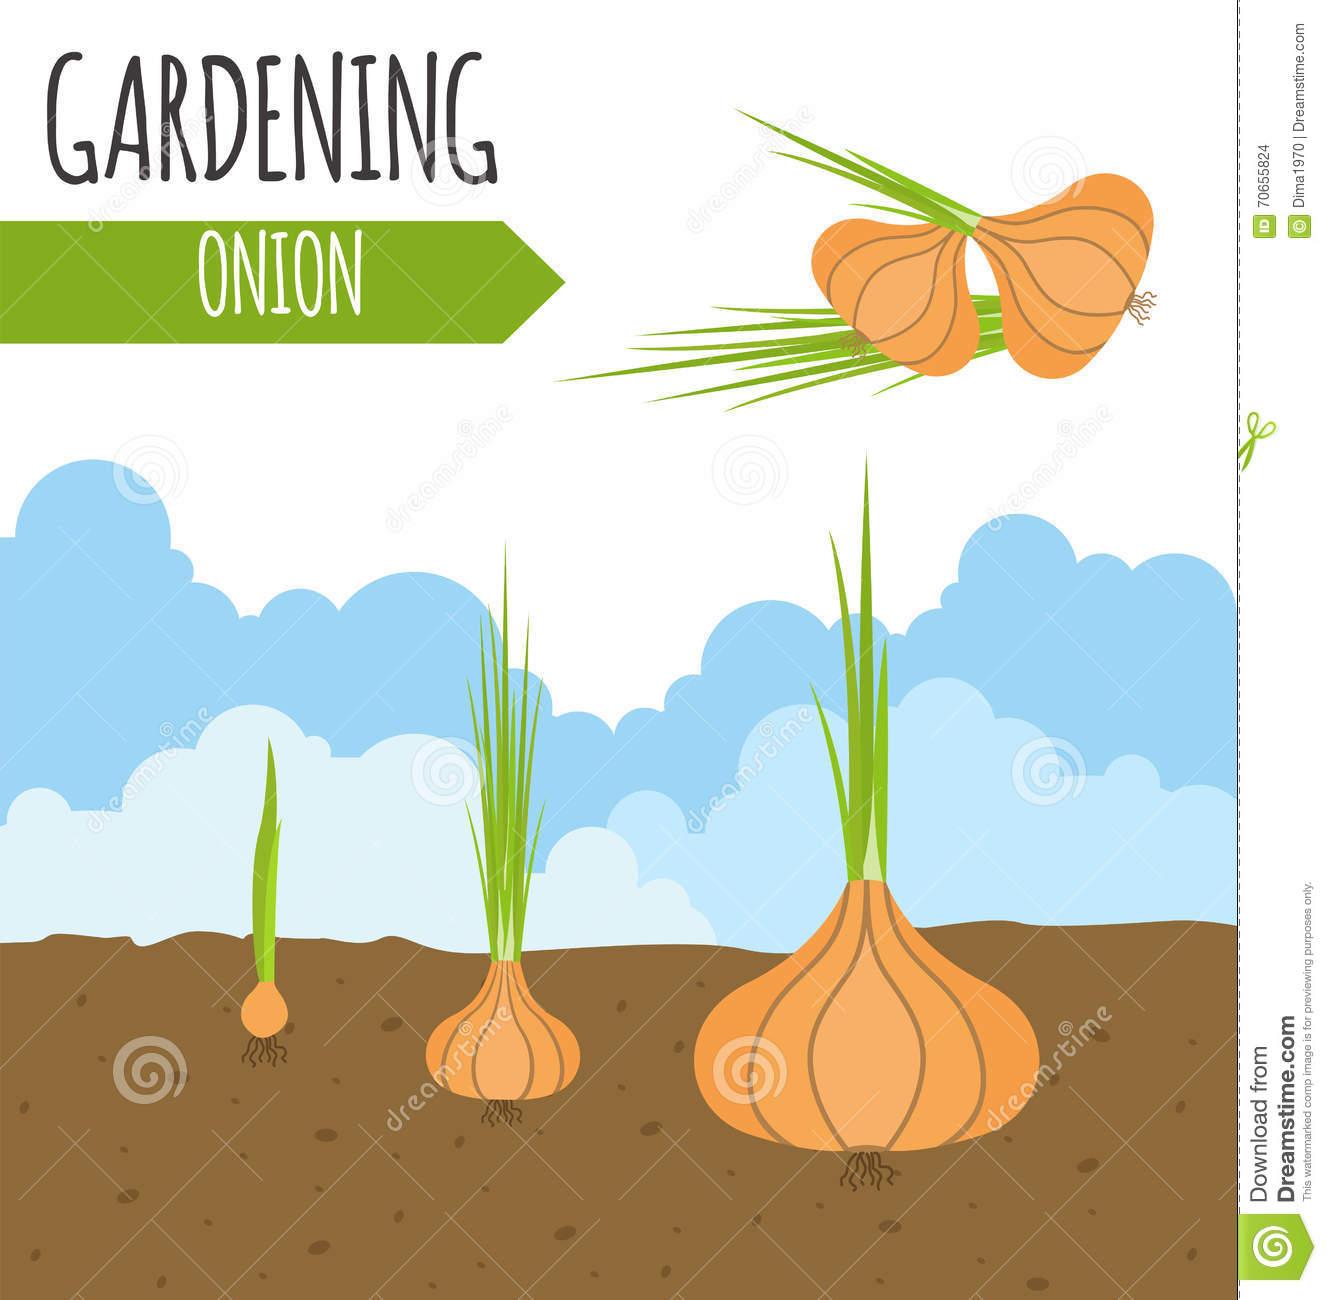 Garten Zwiebel Pflanzenwachstum Vektor Abbildung.